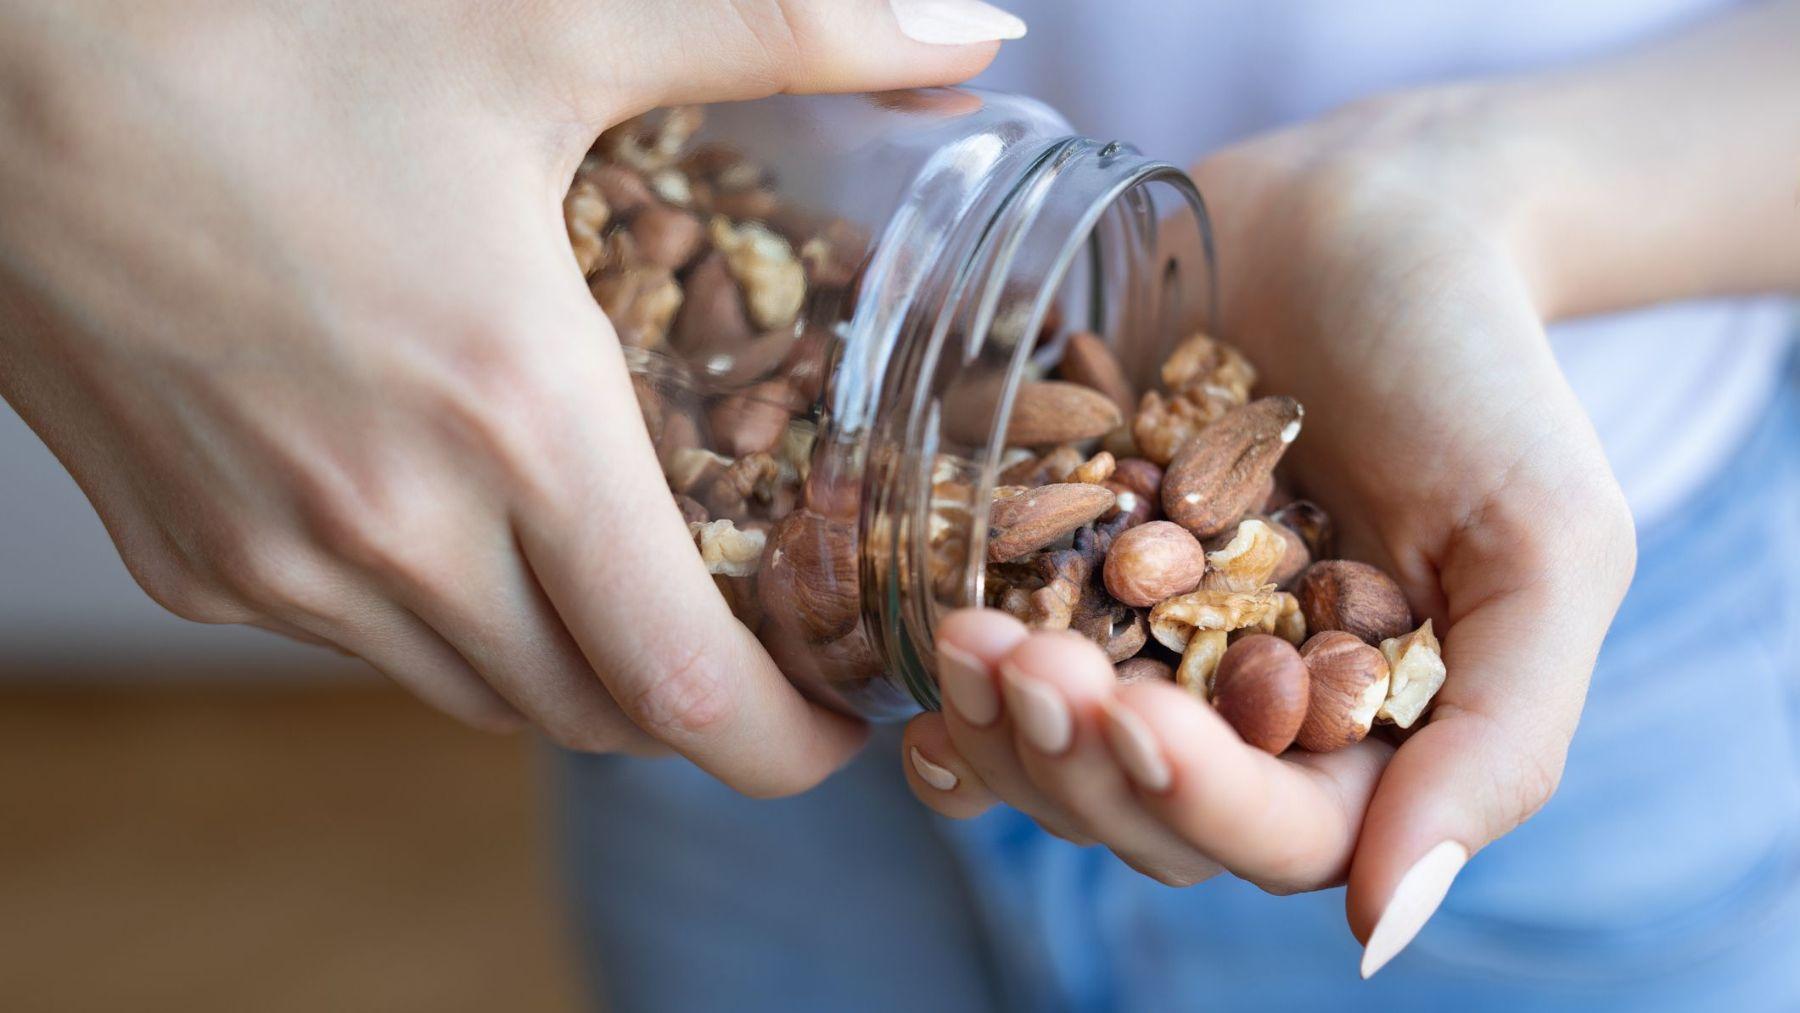 Los frutos secos tienen mucha fibra y son beneficiosos en el embarazo